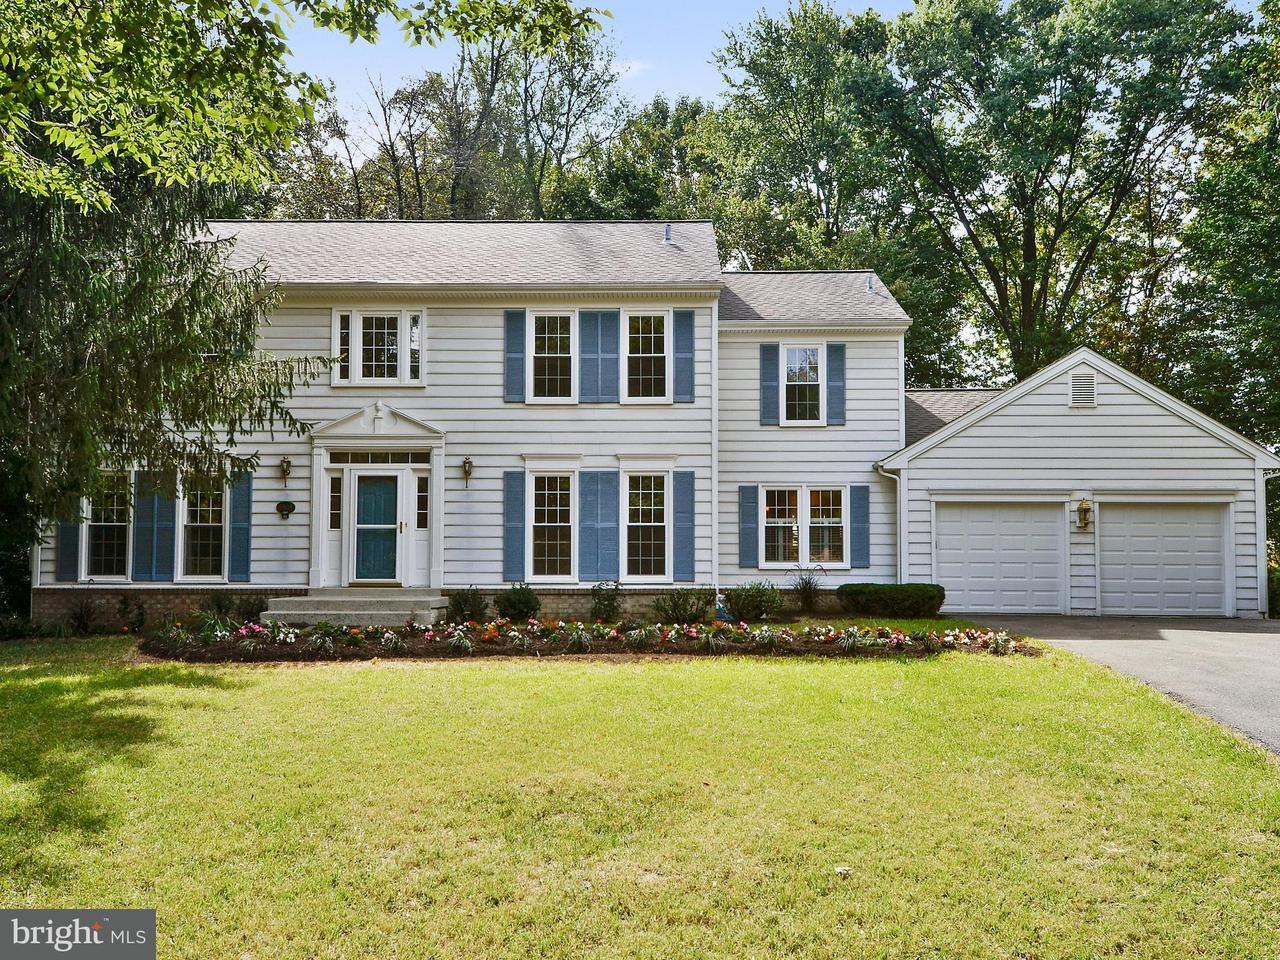 Частный односемейный дом для того Продажа на 8503 SILVERFIELD Circle 8503 SILVERFIELD Circle Montgomery Village, Мэриленд 20886 Соединенные Штаты